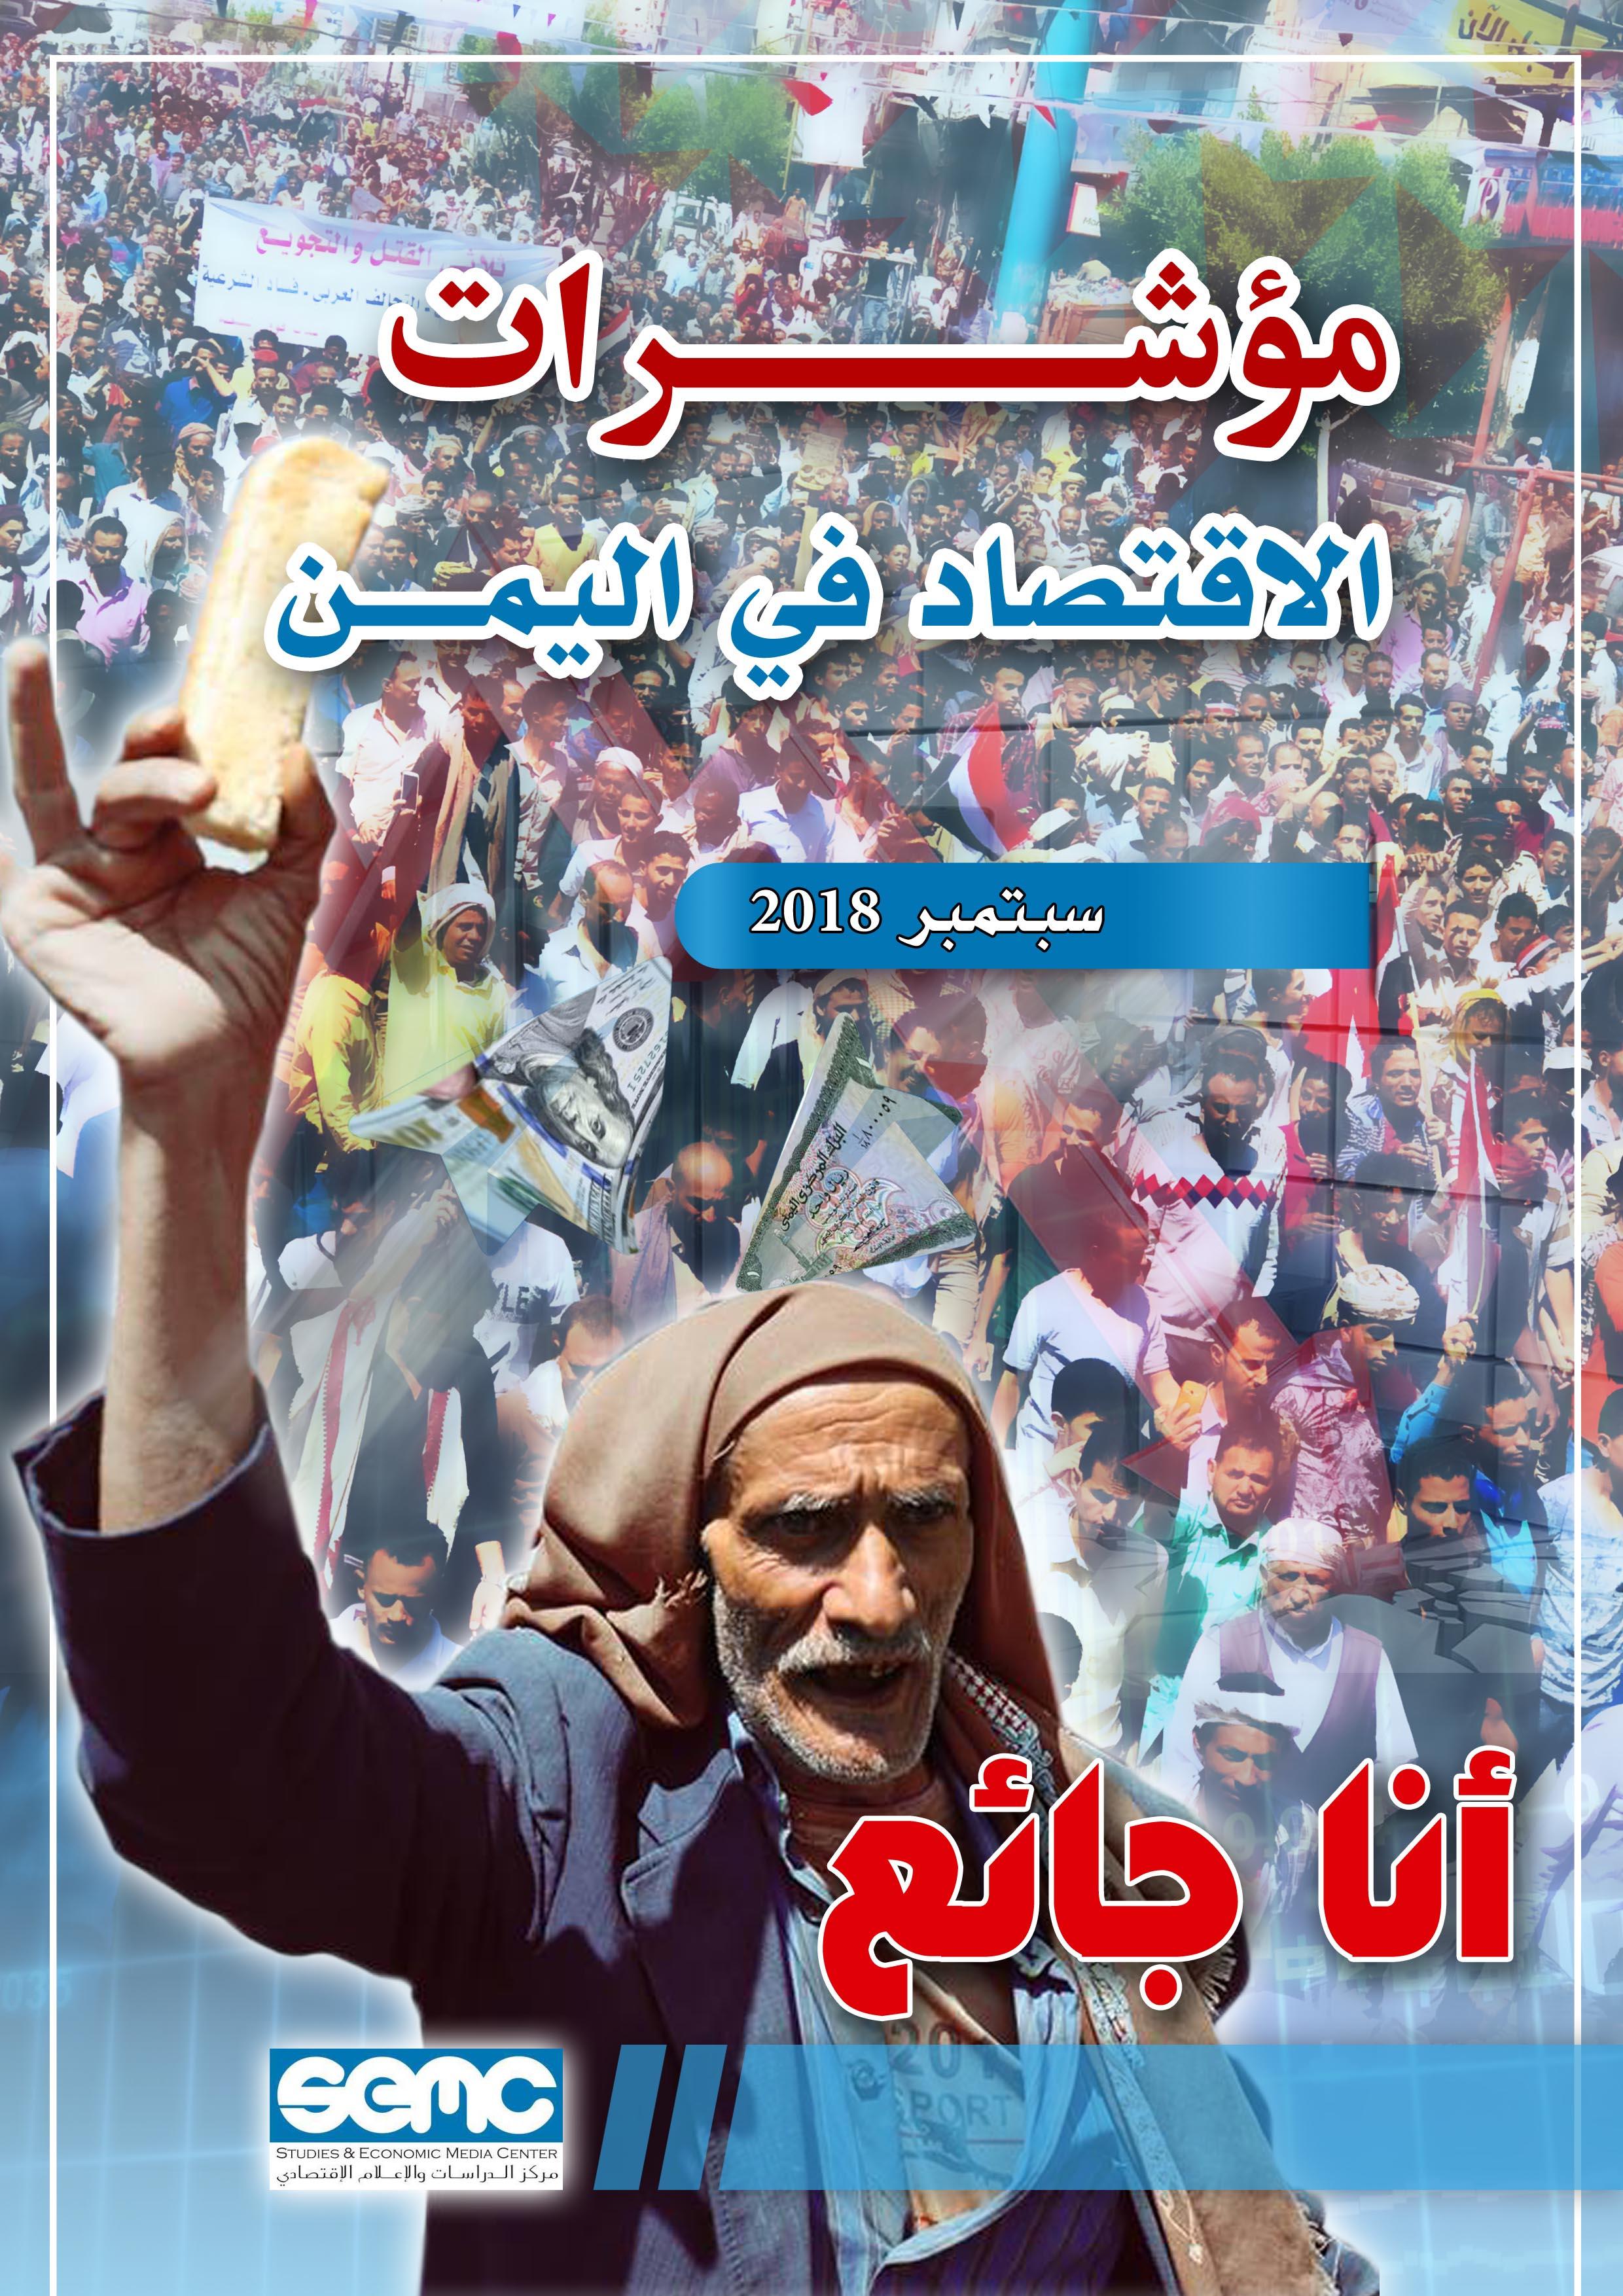 الاعلام الاقتصادي: الموظف اليمني فقد ثلث الراتب الشهري خلال شهر فقط